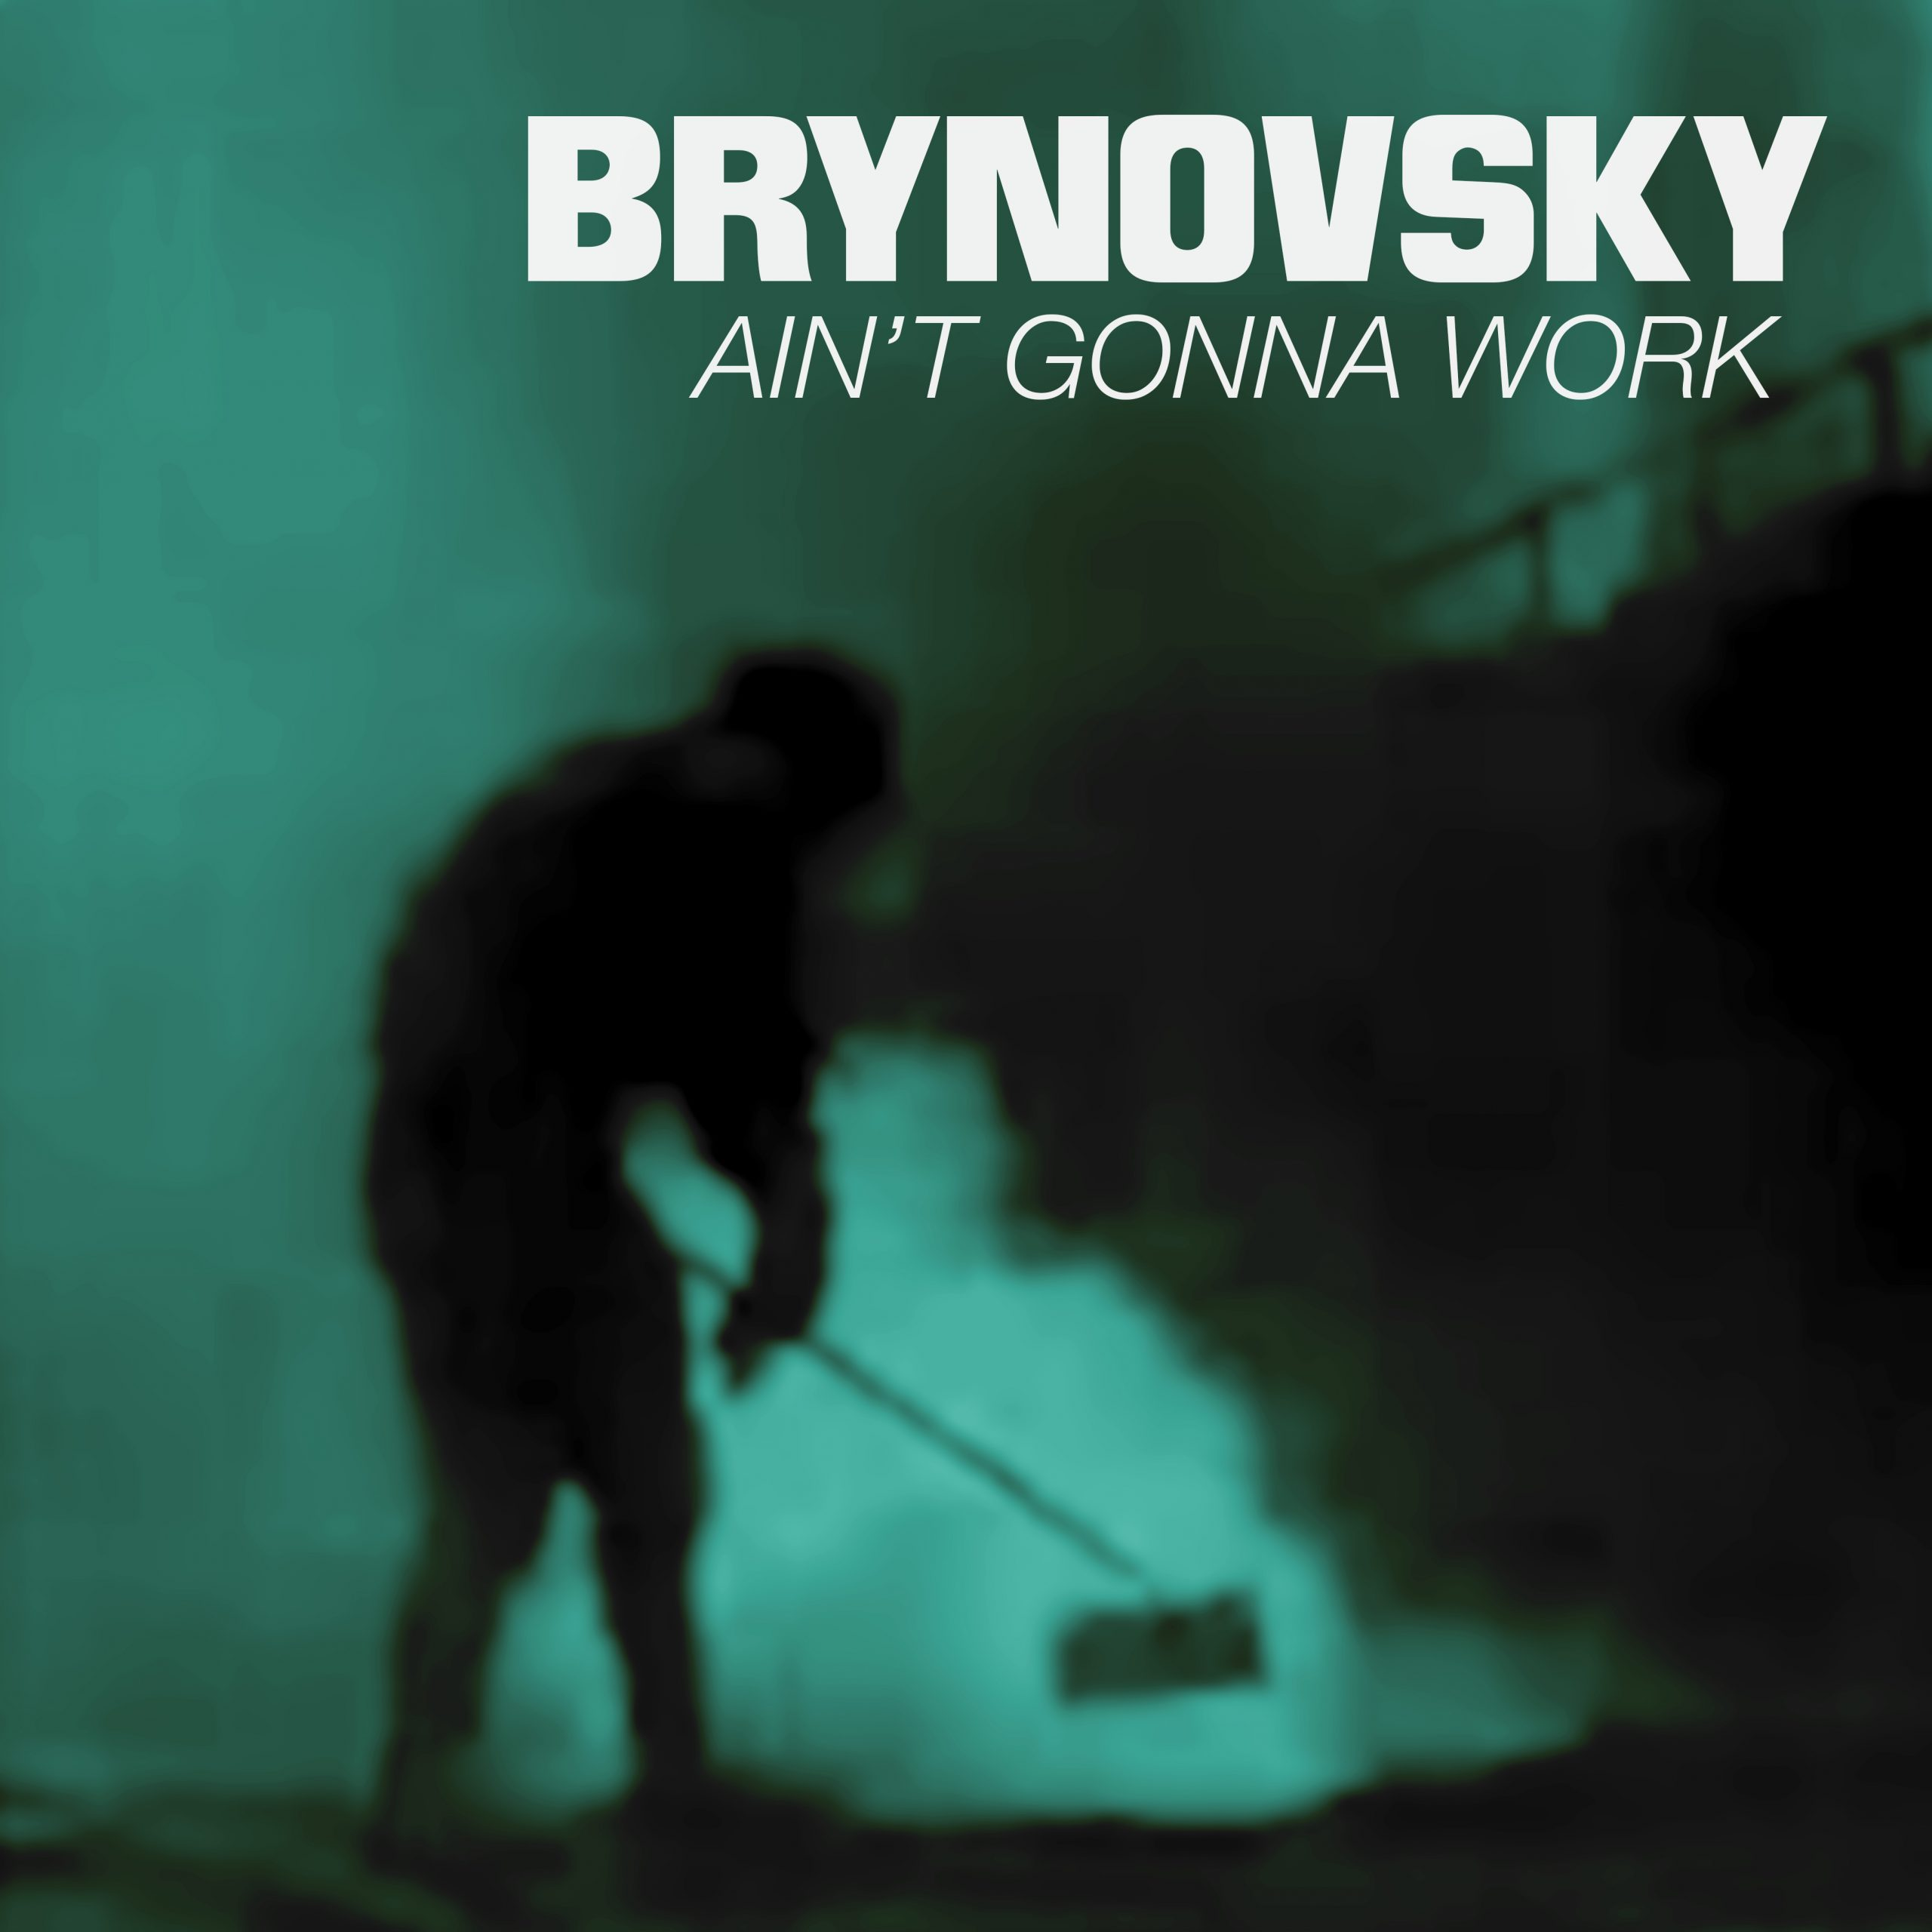 Brynovsky - Aint Gonna Work